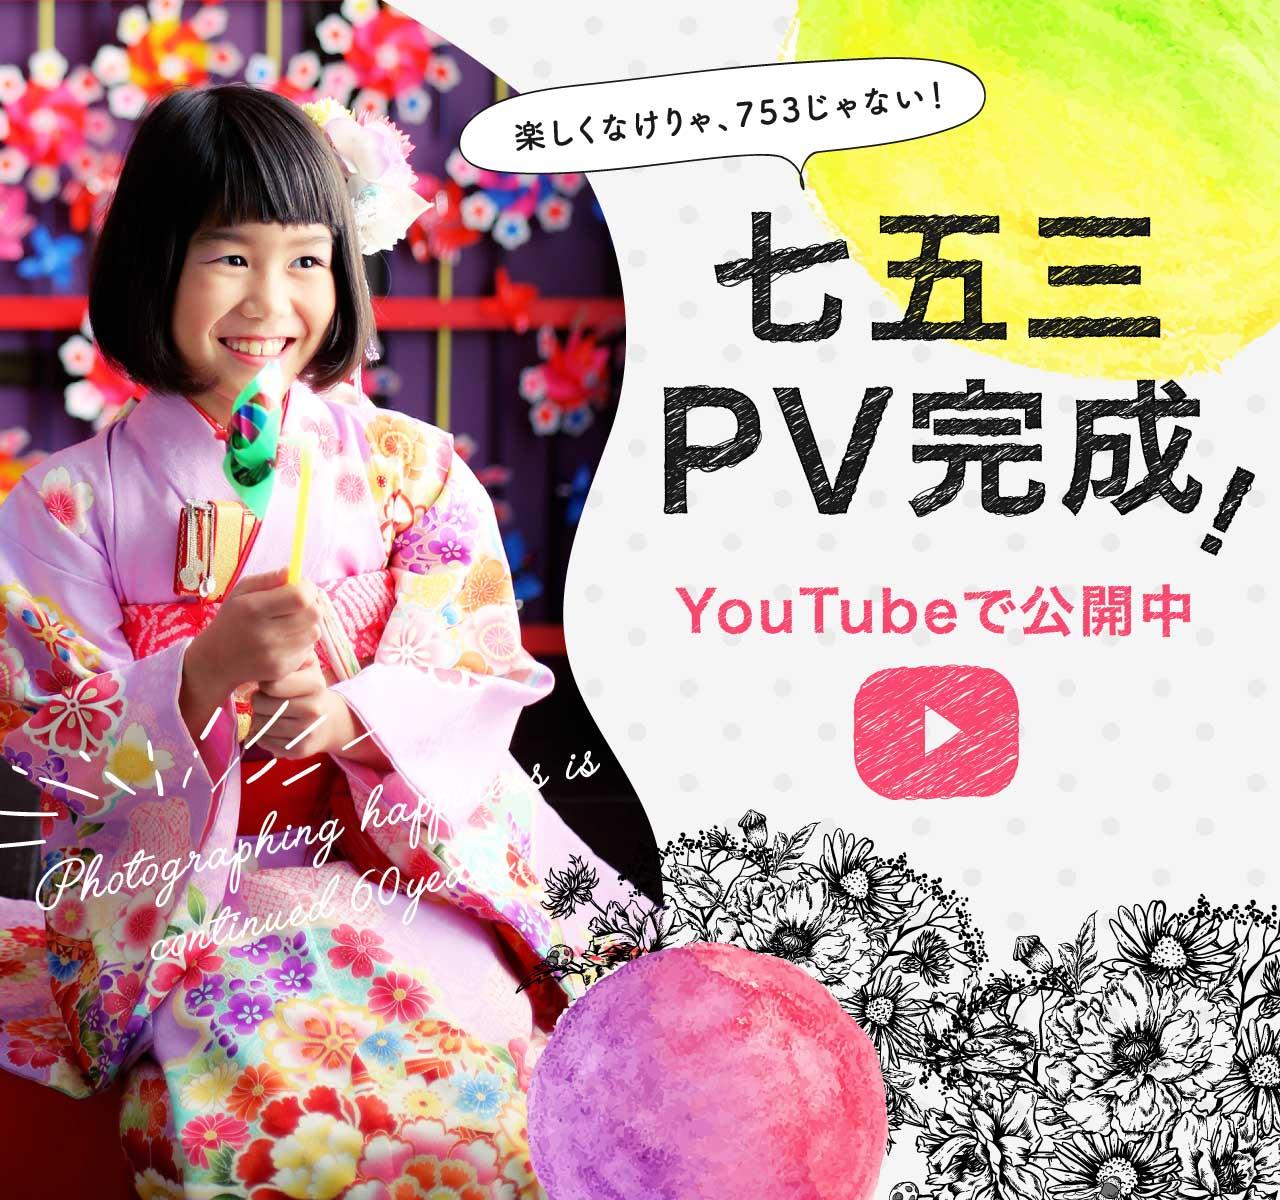 七五三PV完成! youtubeで公開中